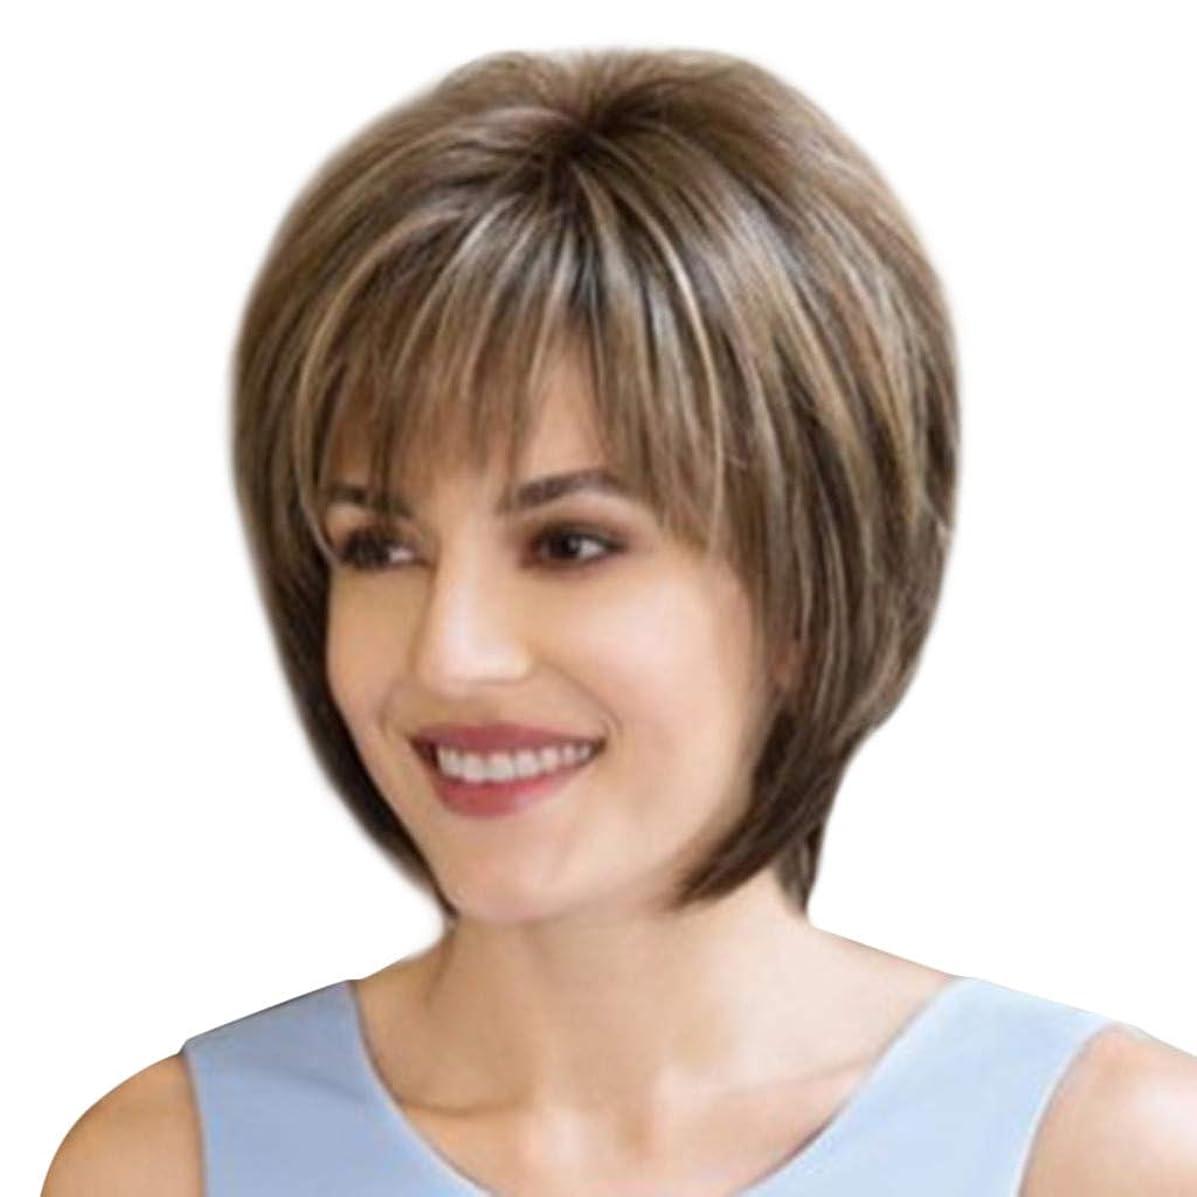 味わうリブ専らCinhent 8インチファッション合成ストレートショートレディースウィッグふわふわ染色天然のリアルな髪の毛のかつら女性のファイバー